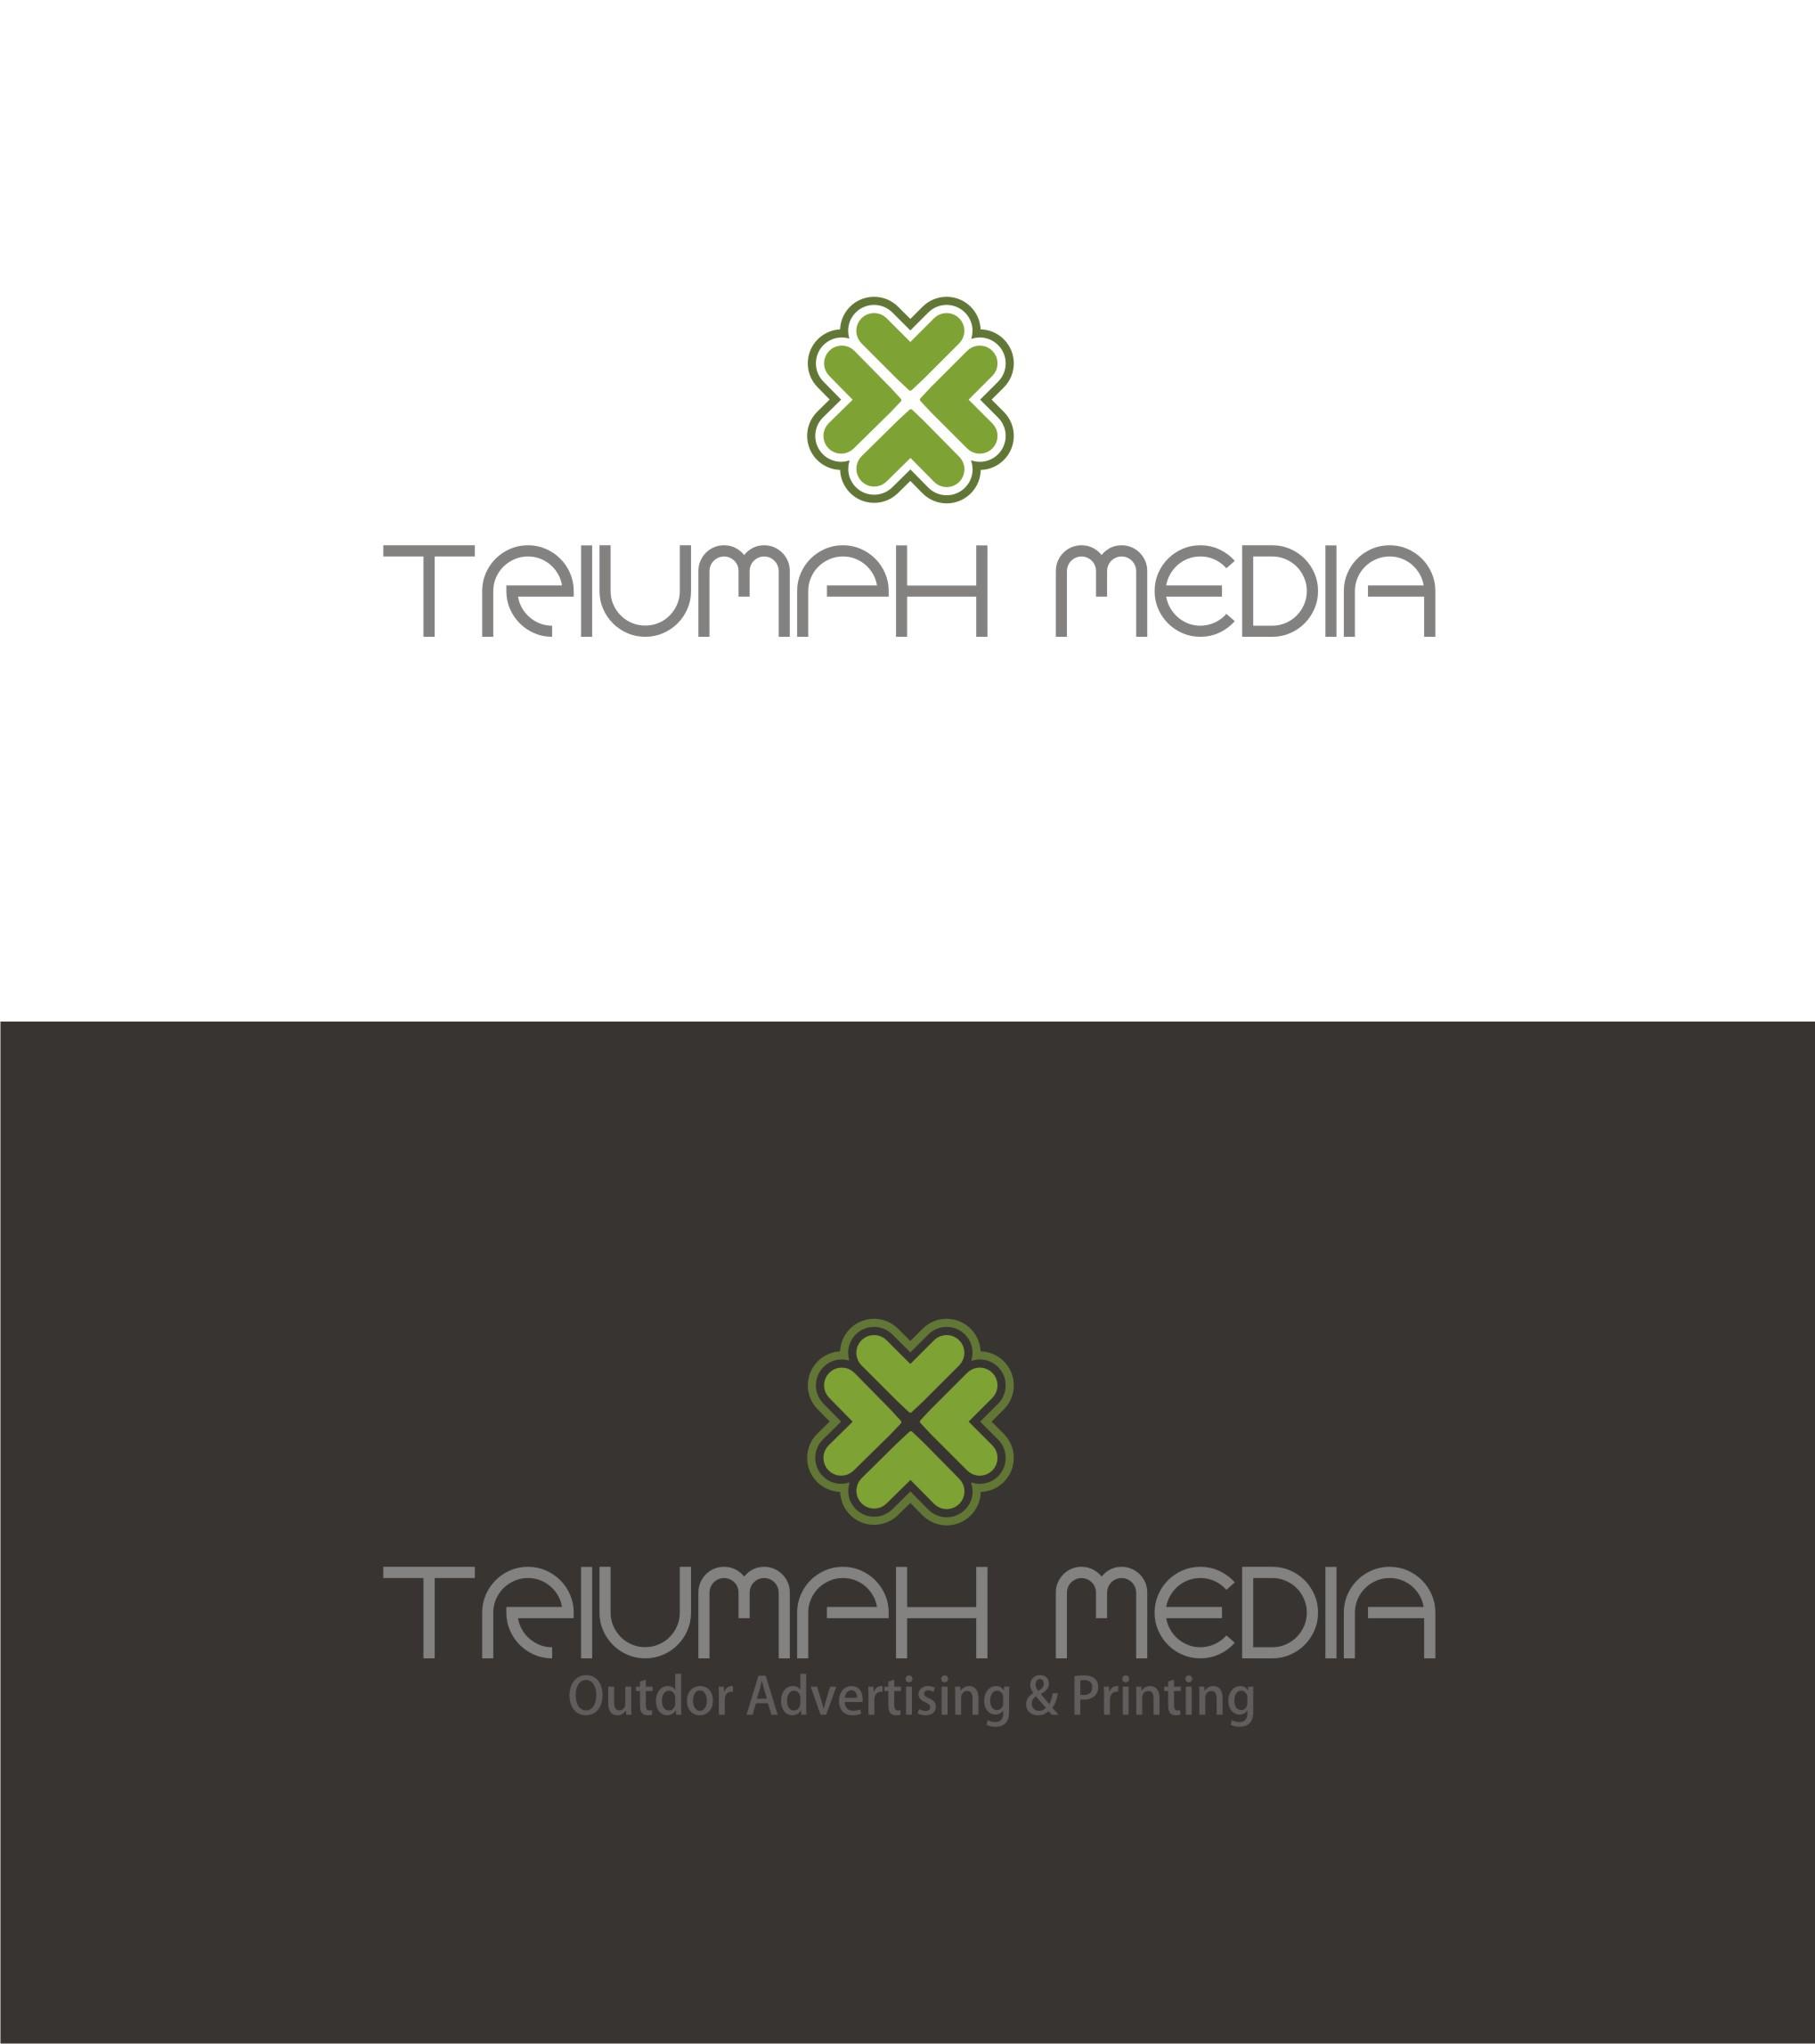 Разработка логотипа  TRIUMPH MEDIA с изображением клевера фото f_507099ed335b7.jpg